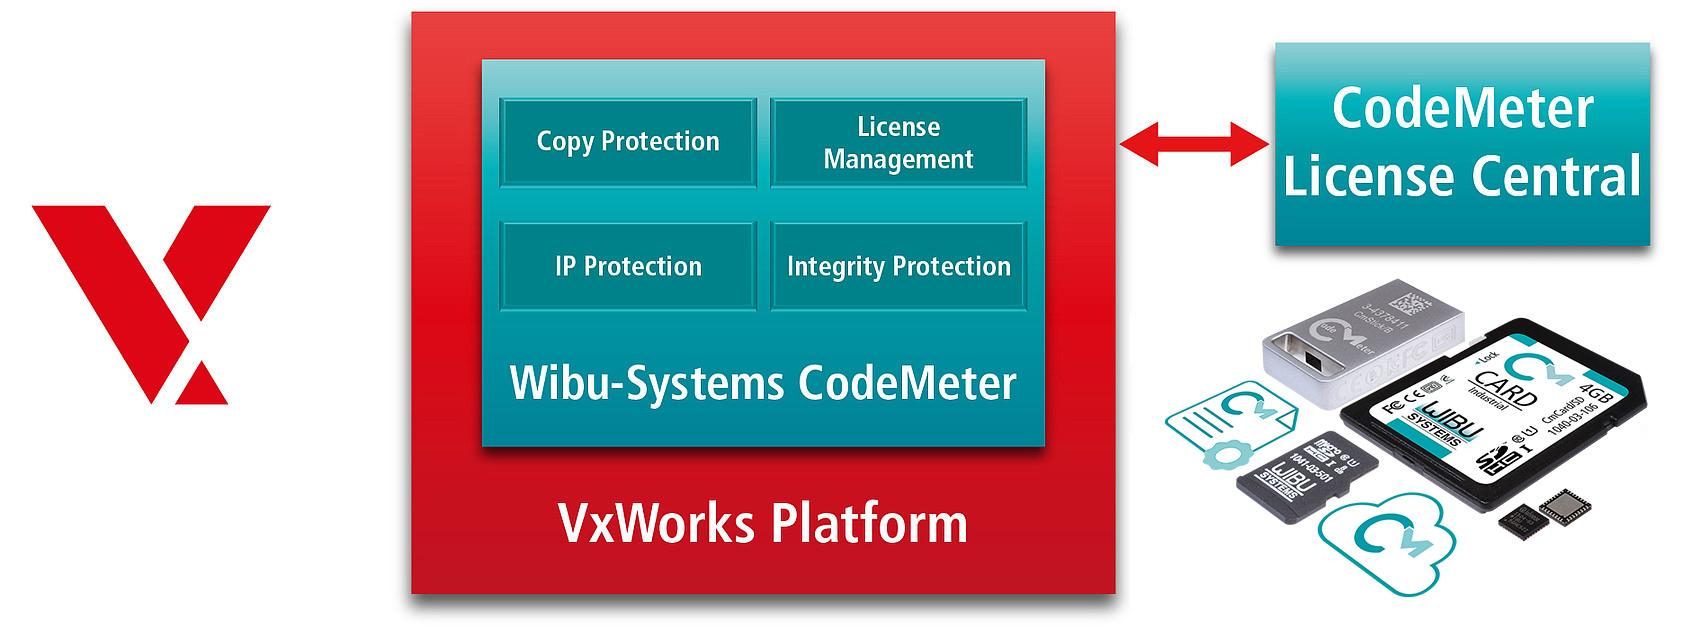 VxWorks SolutionBrief